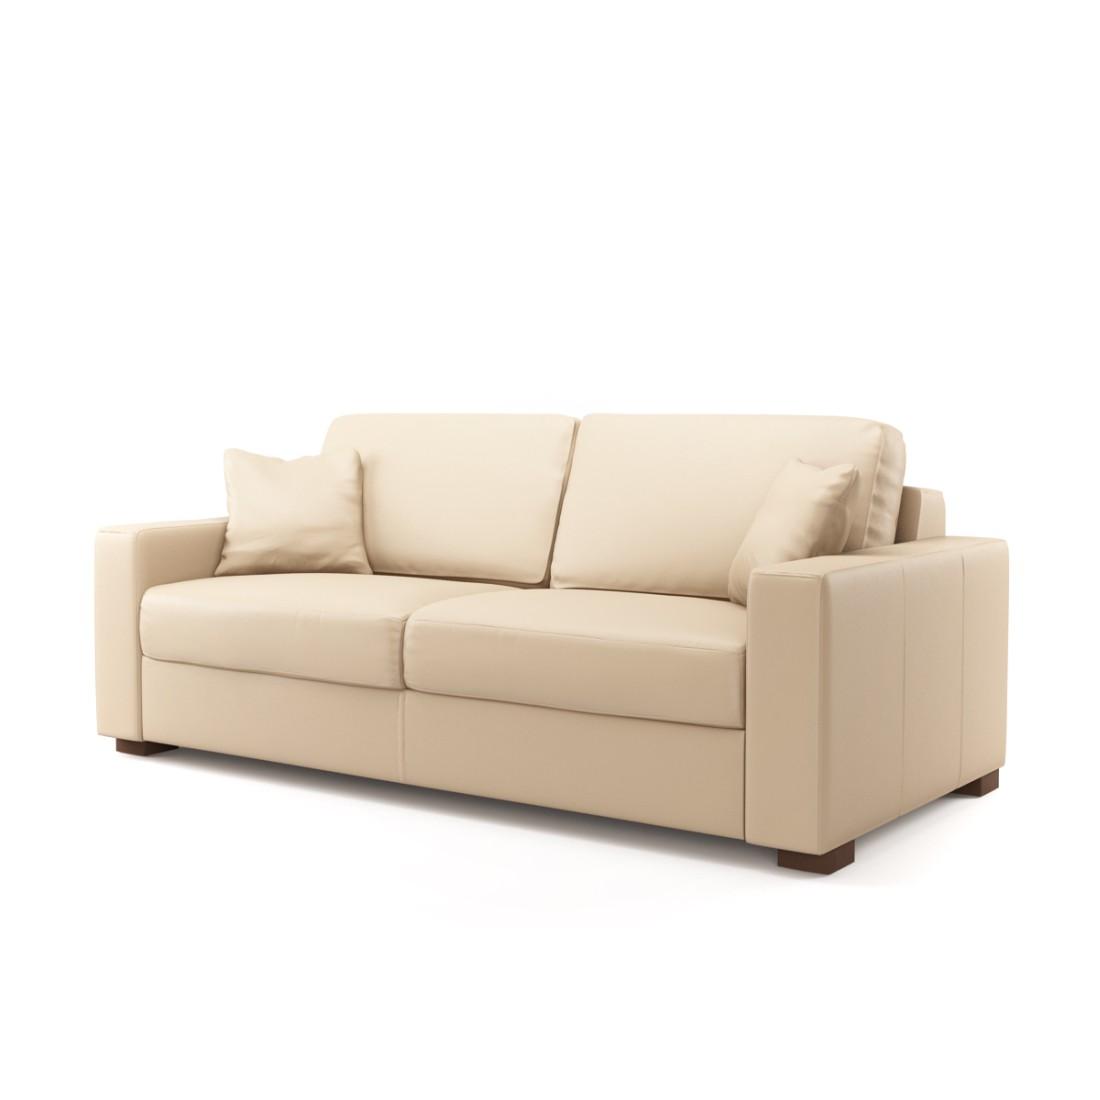 sofas aus leder g nstig kaufen. Black Bedroom Furniture Sets. Home Design Ideas